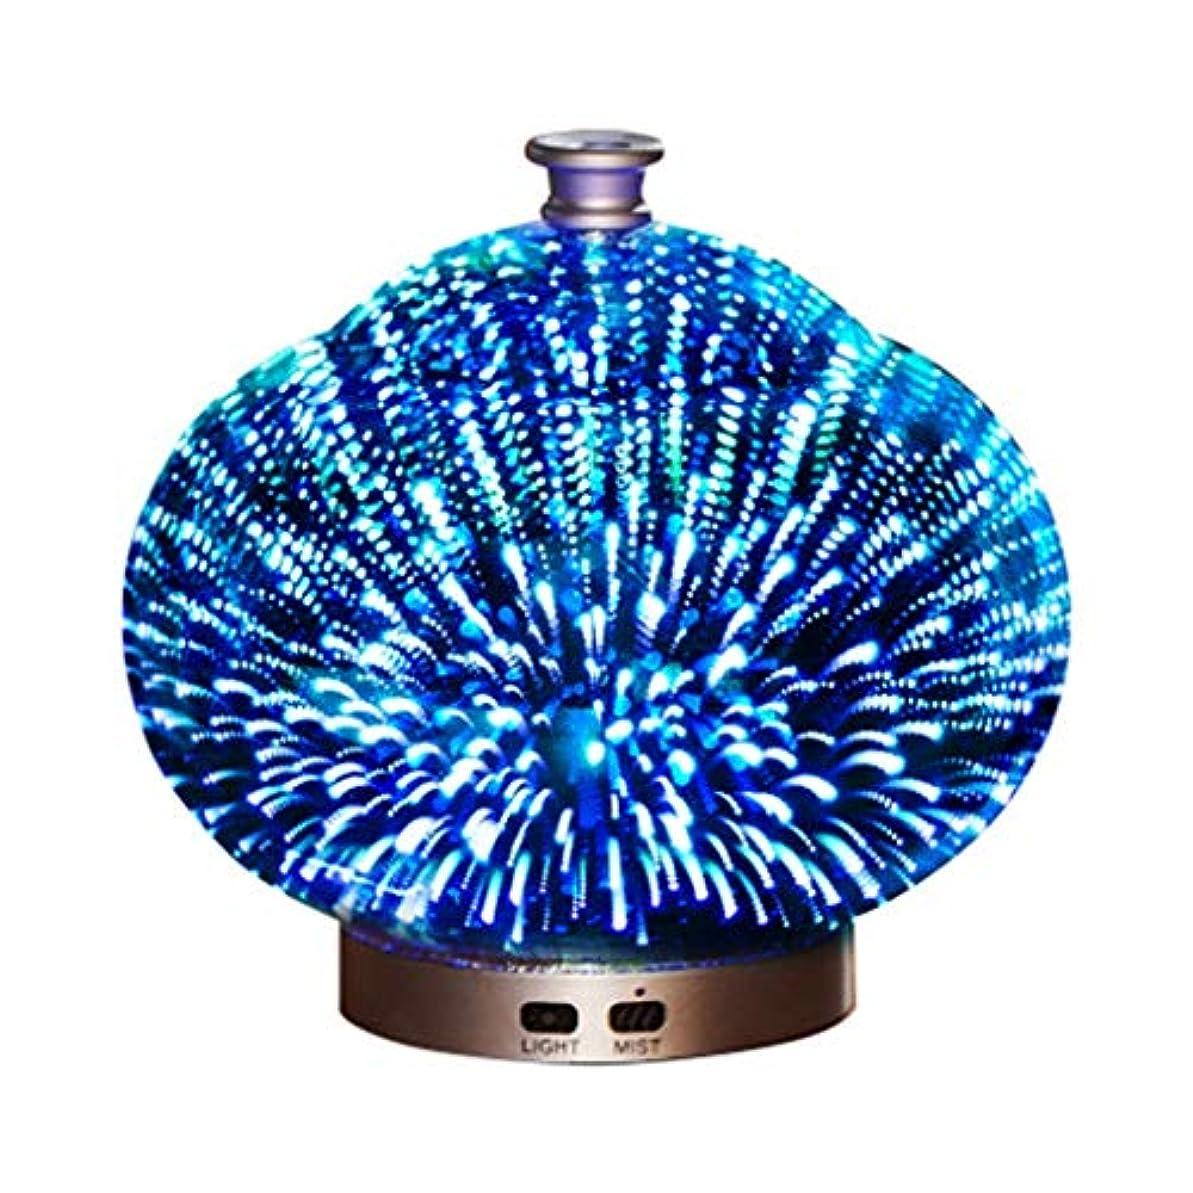 黄ばむ悪用強い3Dガラス100ミリリットルギャラクシープレミアム超音波加湿器で素晴らしいledライト付き、自宅用ヨガオフィススパ寝室ベビールーム (Color : Brass)